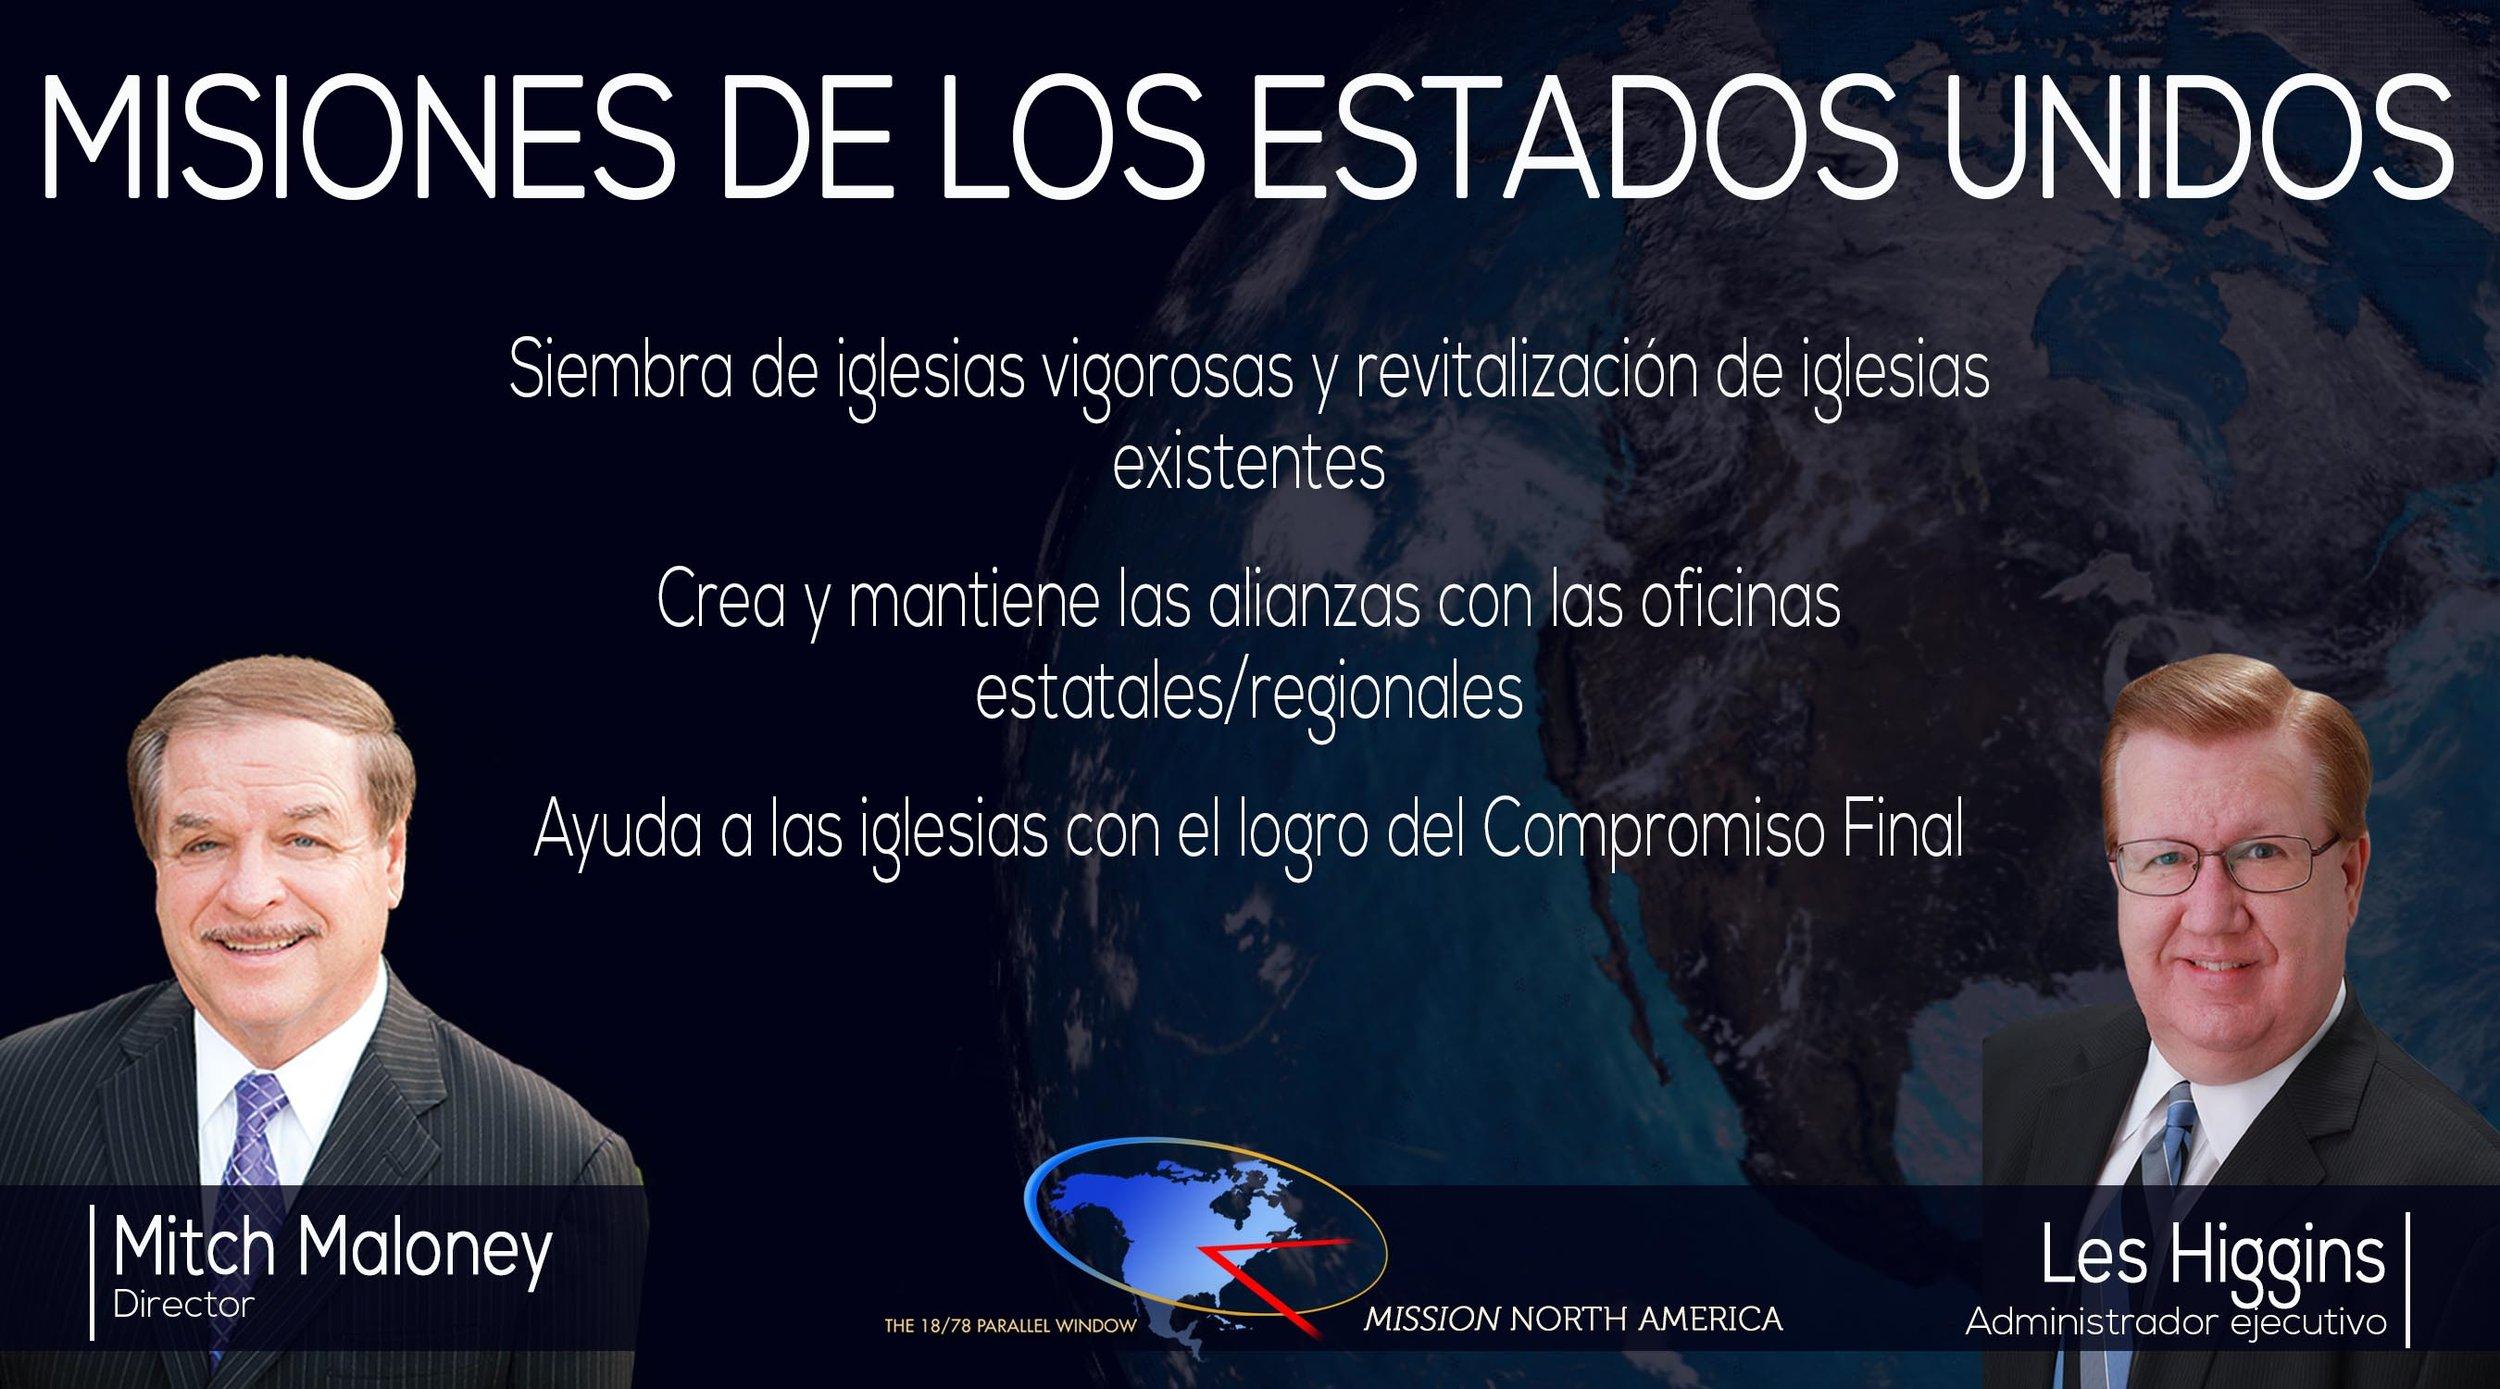 Leadership SLIDEs_Spanish_USAM.jpg